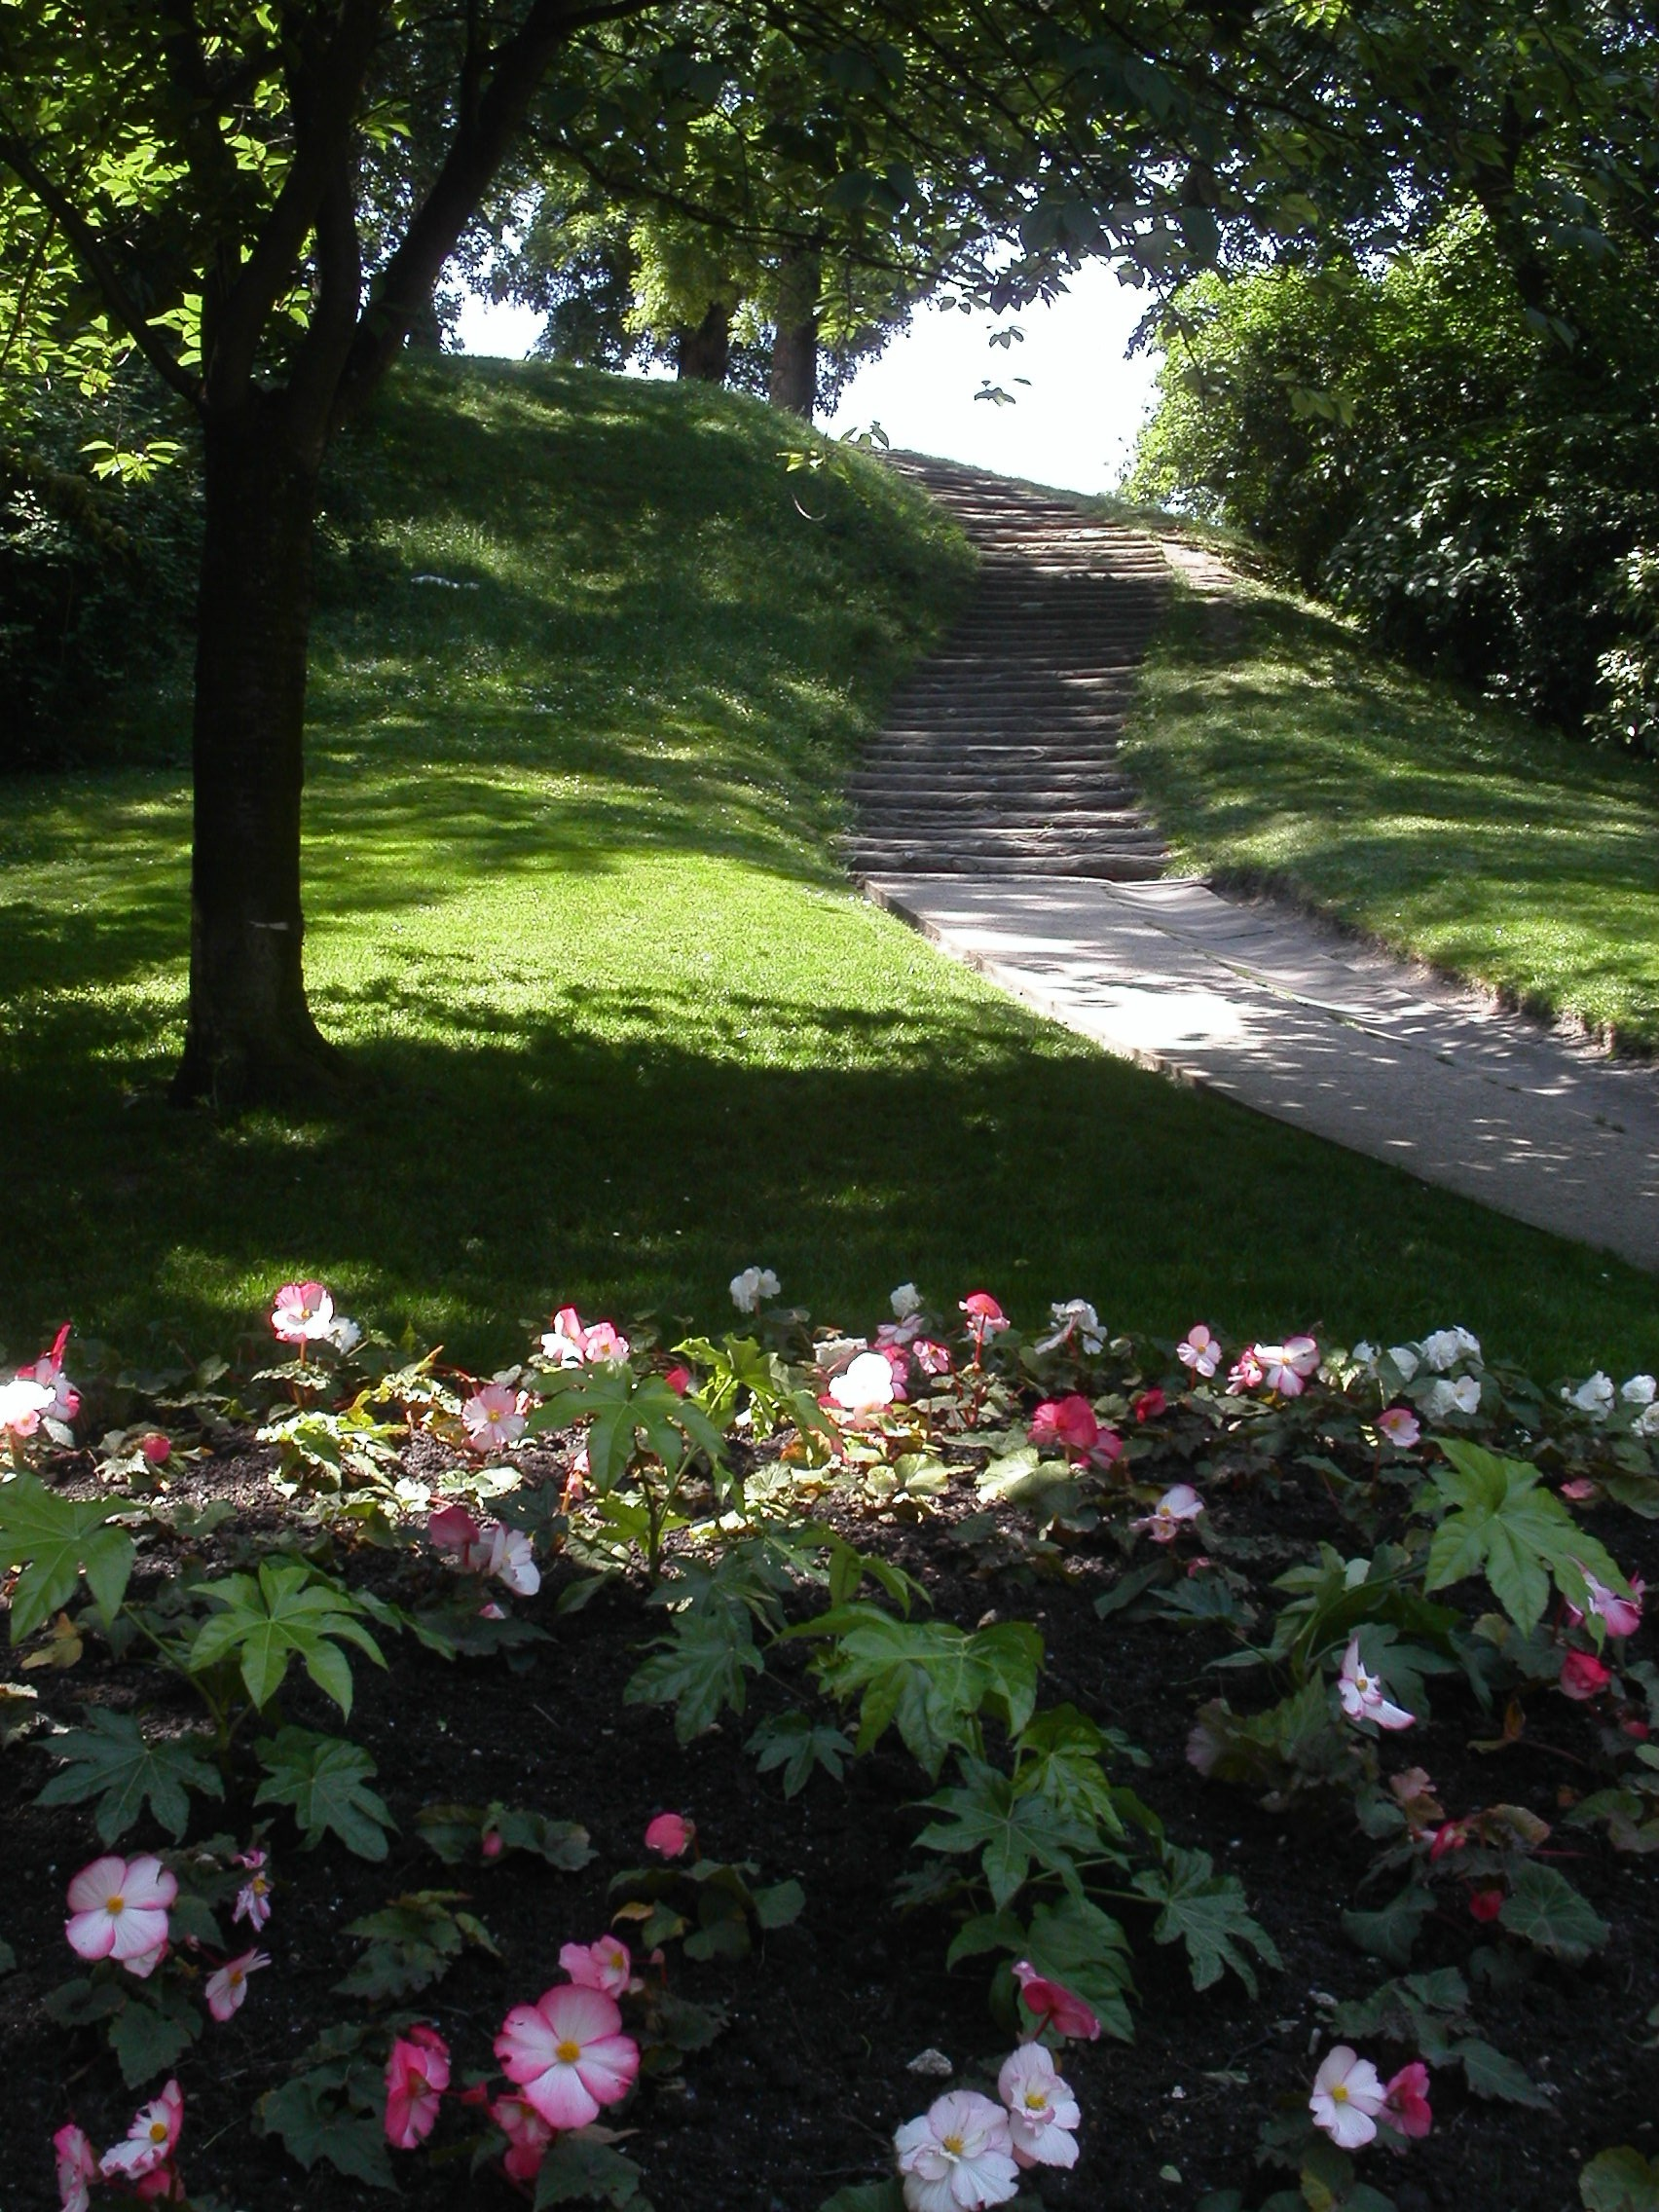 Visite guid e des parcs jardins et paysages de paris - Parcs et jardins de paris ...